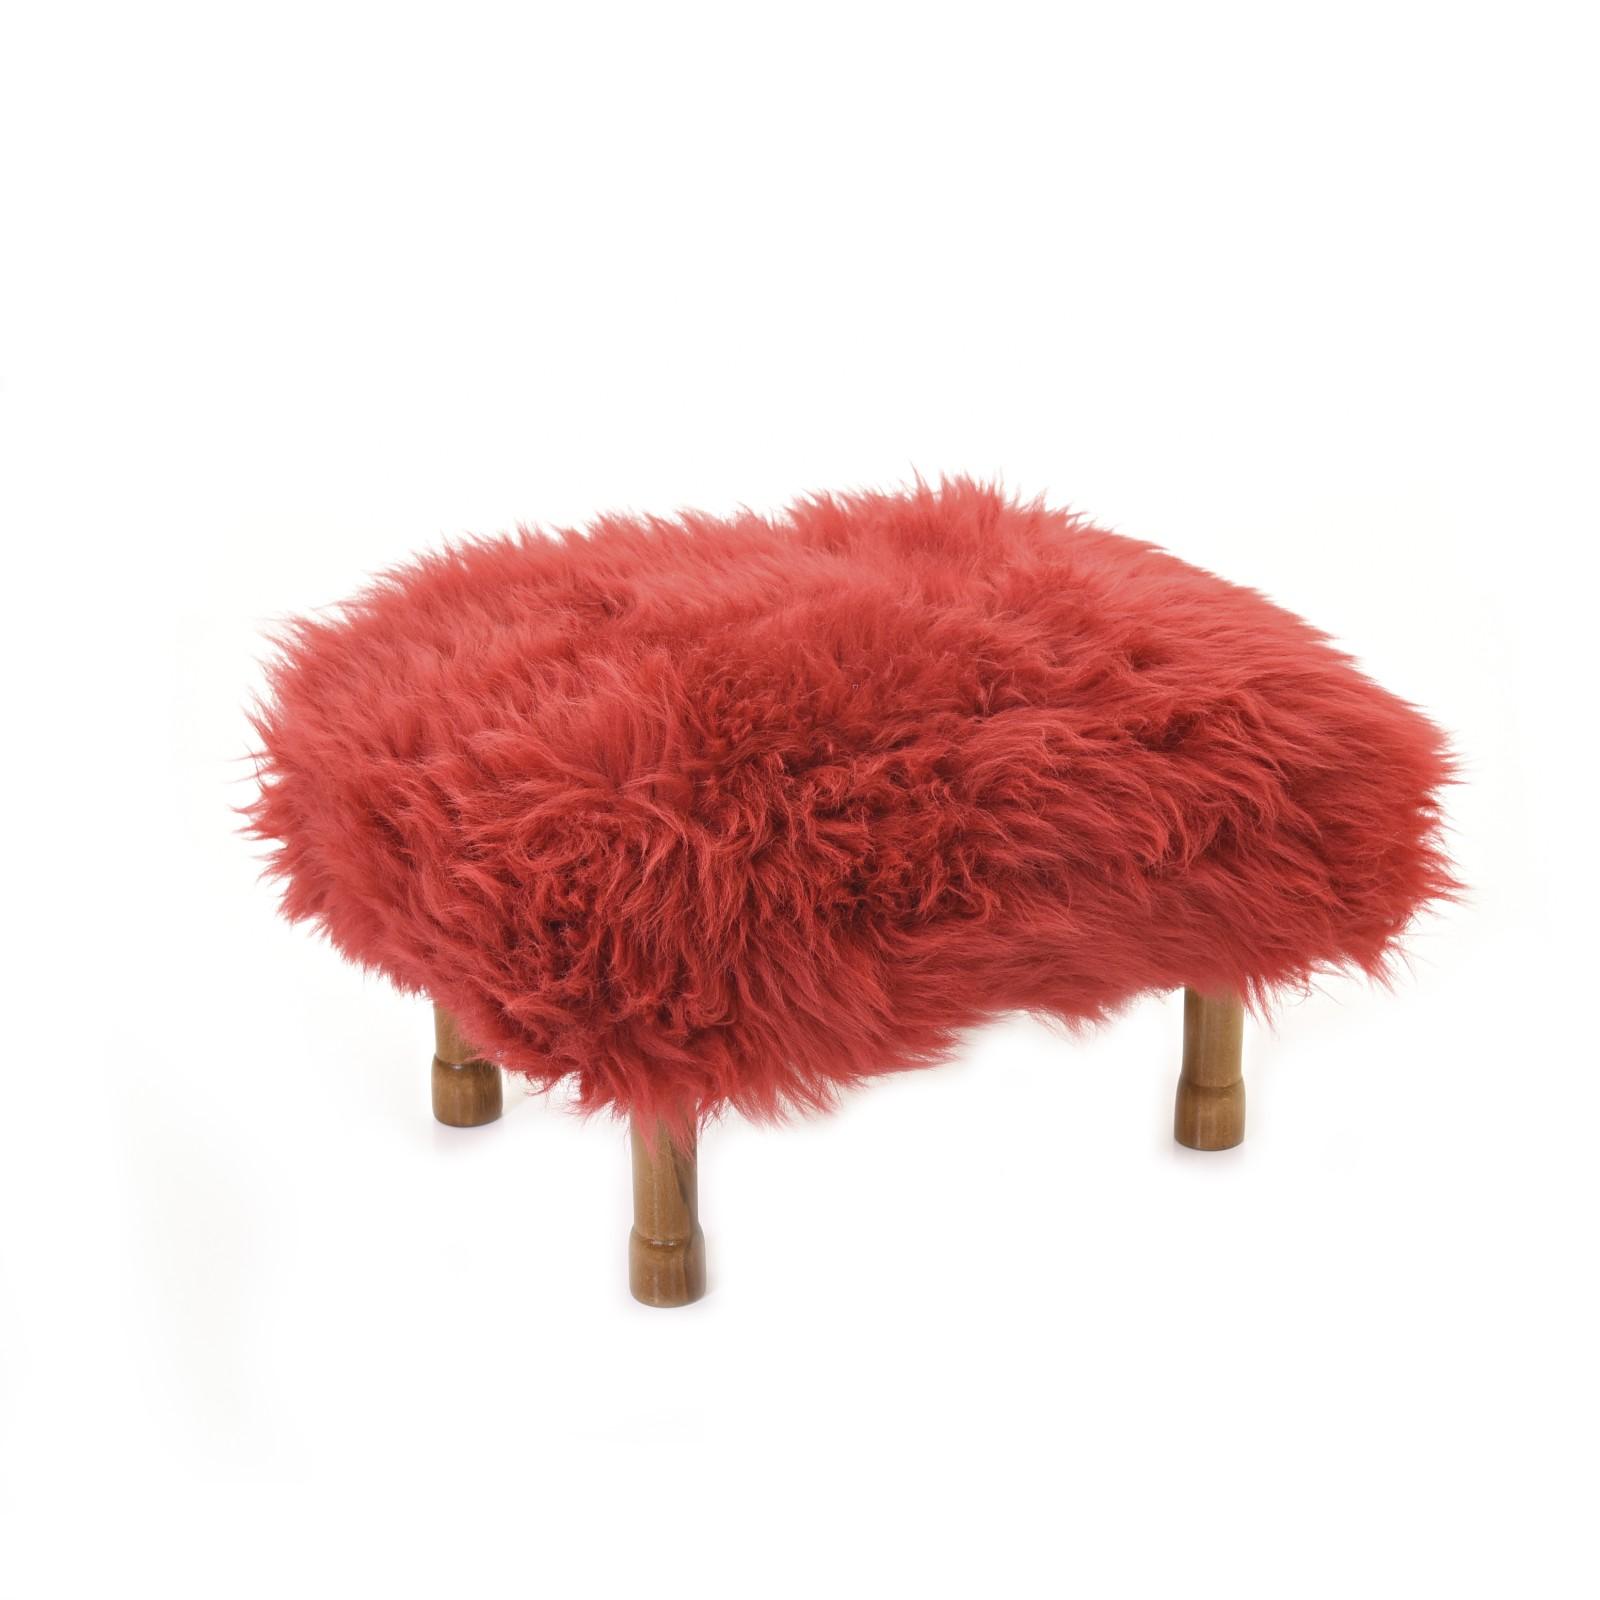 Delyth - Sheepskin Footstool Dragon Red